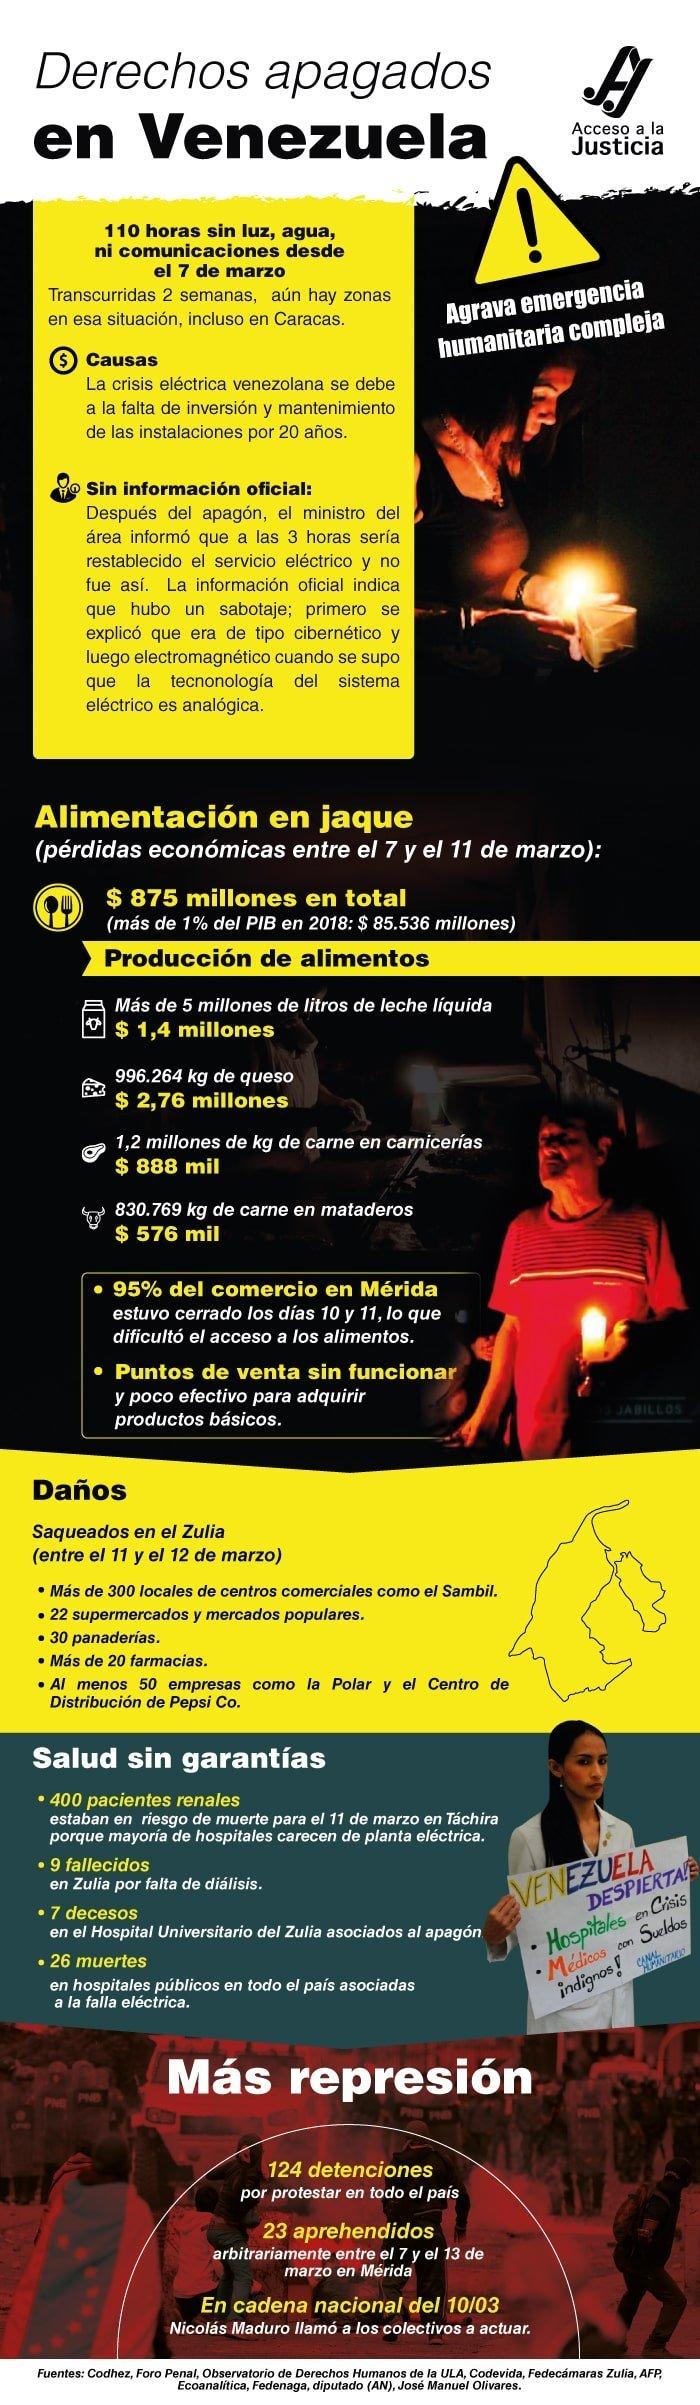 Emergencia humanitaria compleja en una Venezuela a oscuras